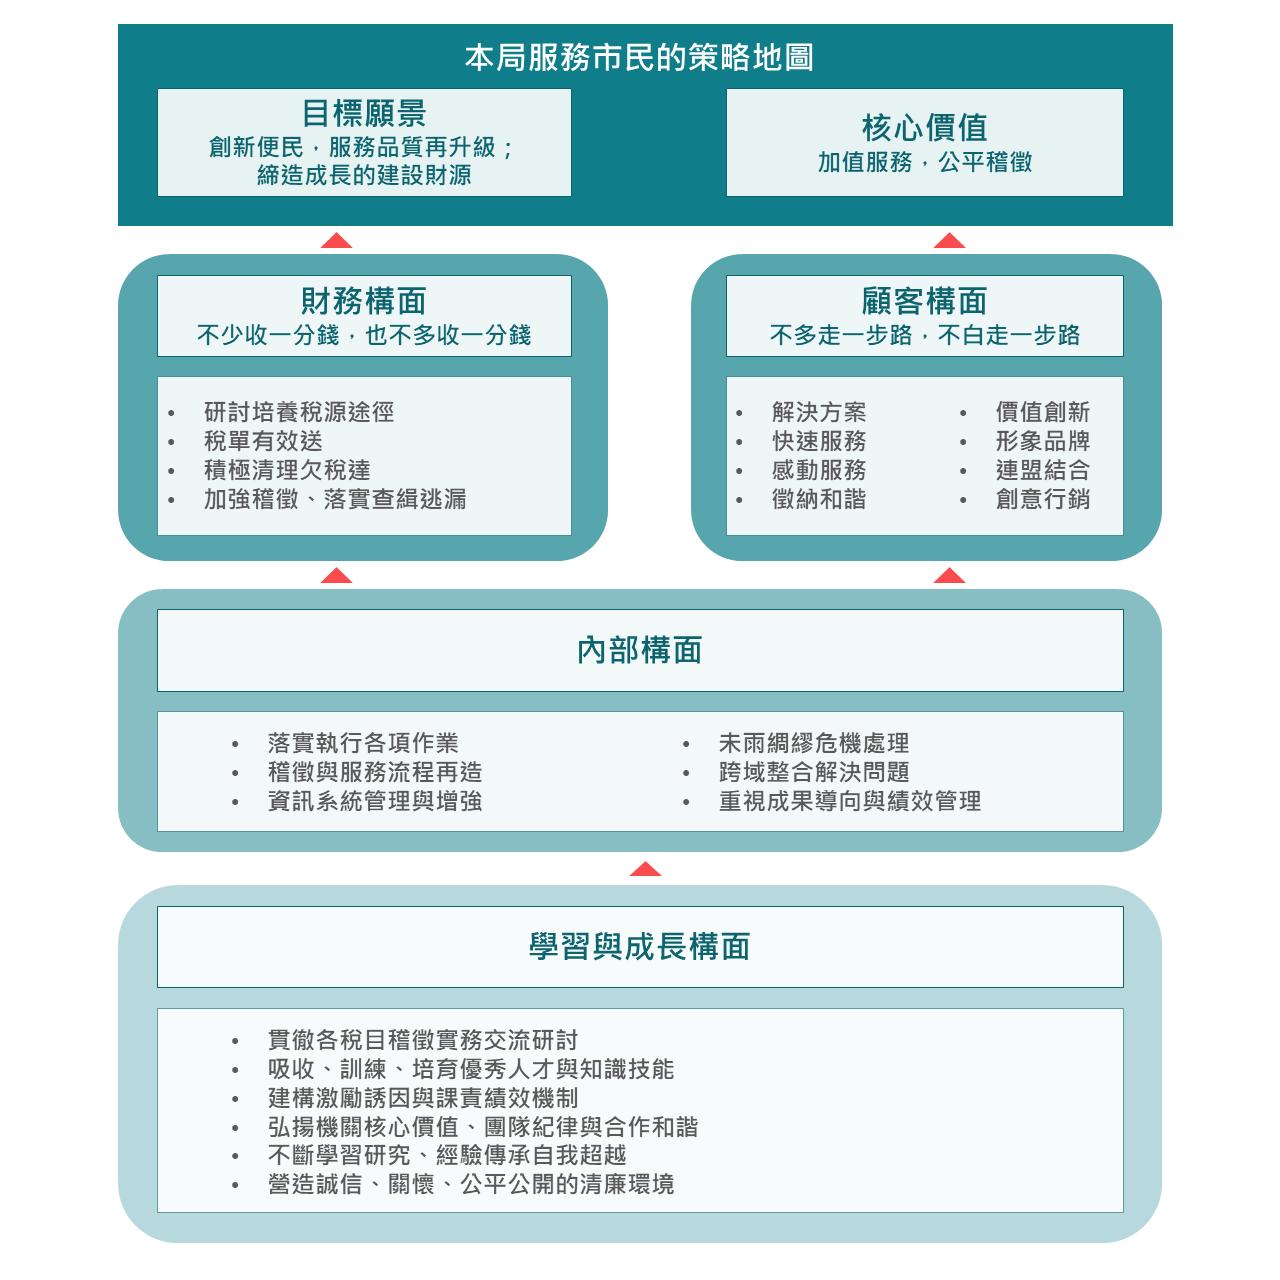 本局服務市民策略地圖